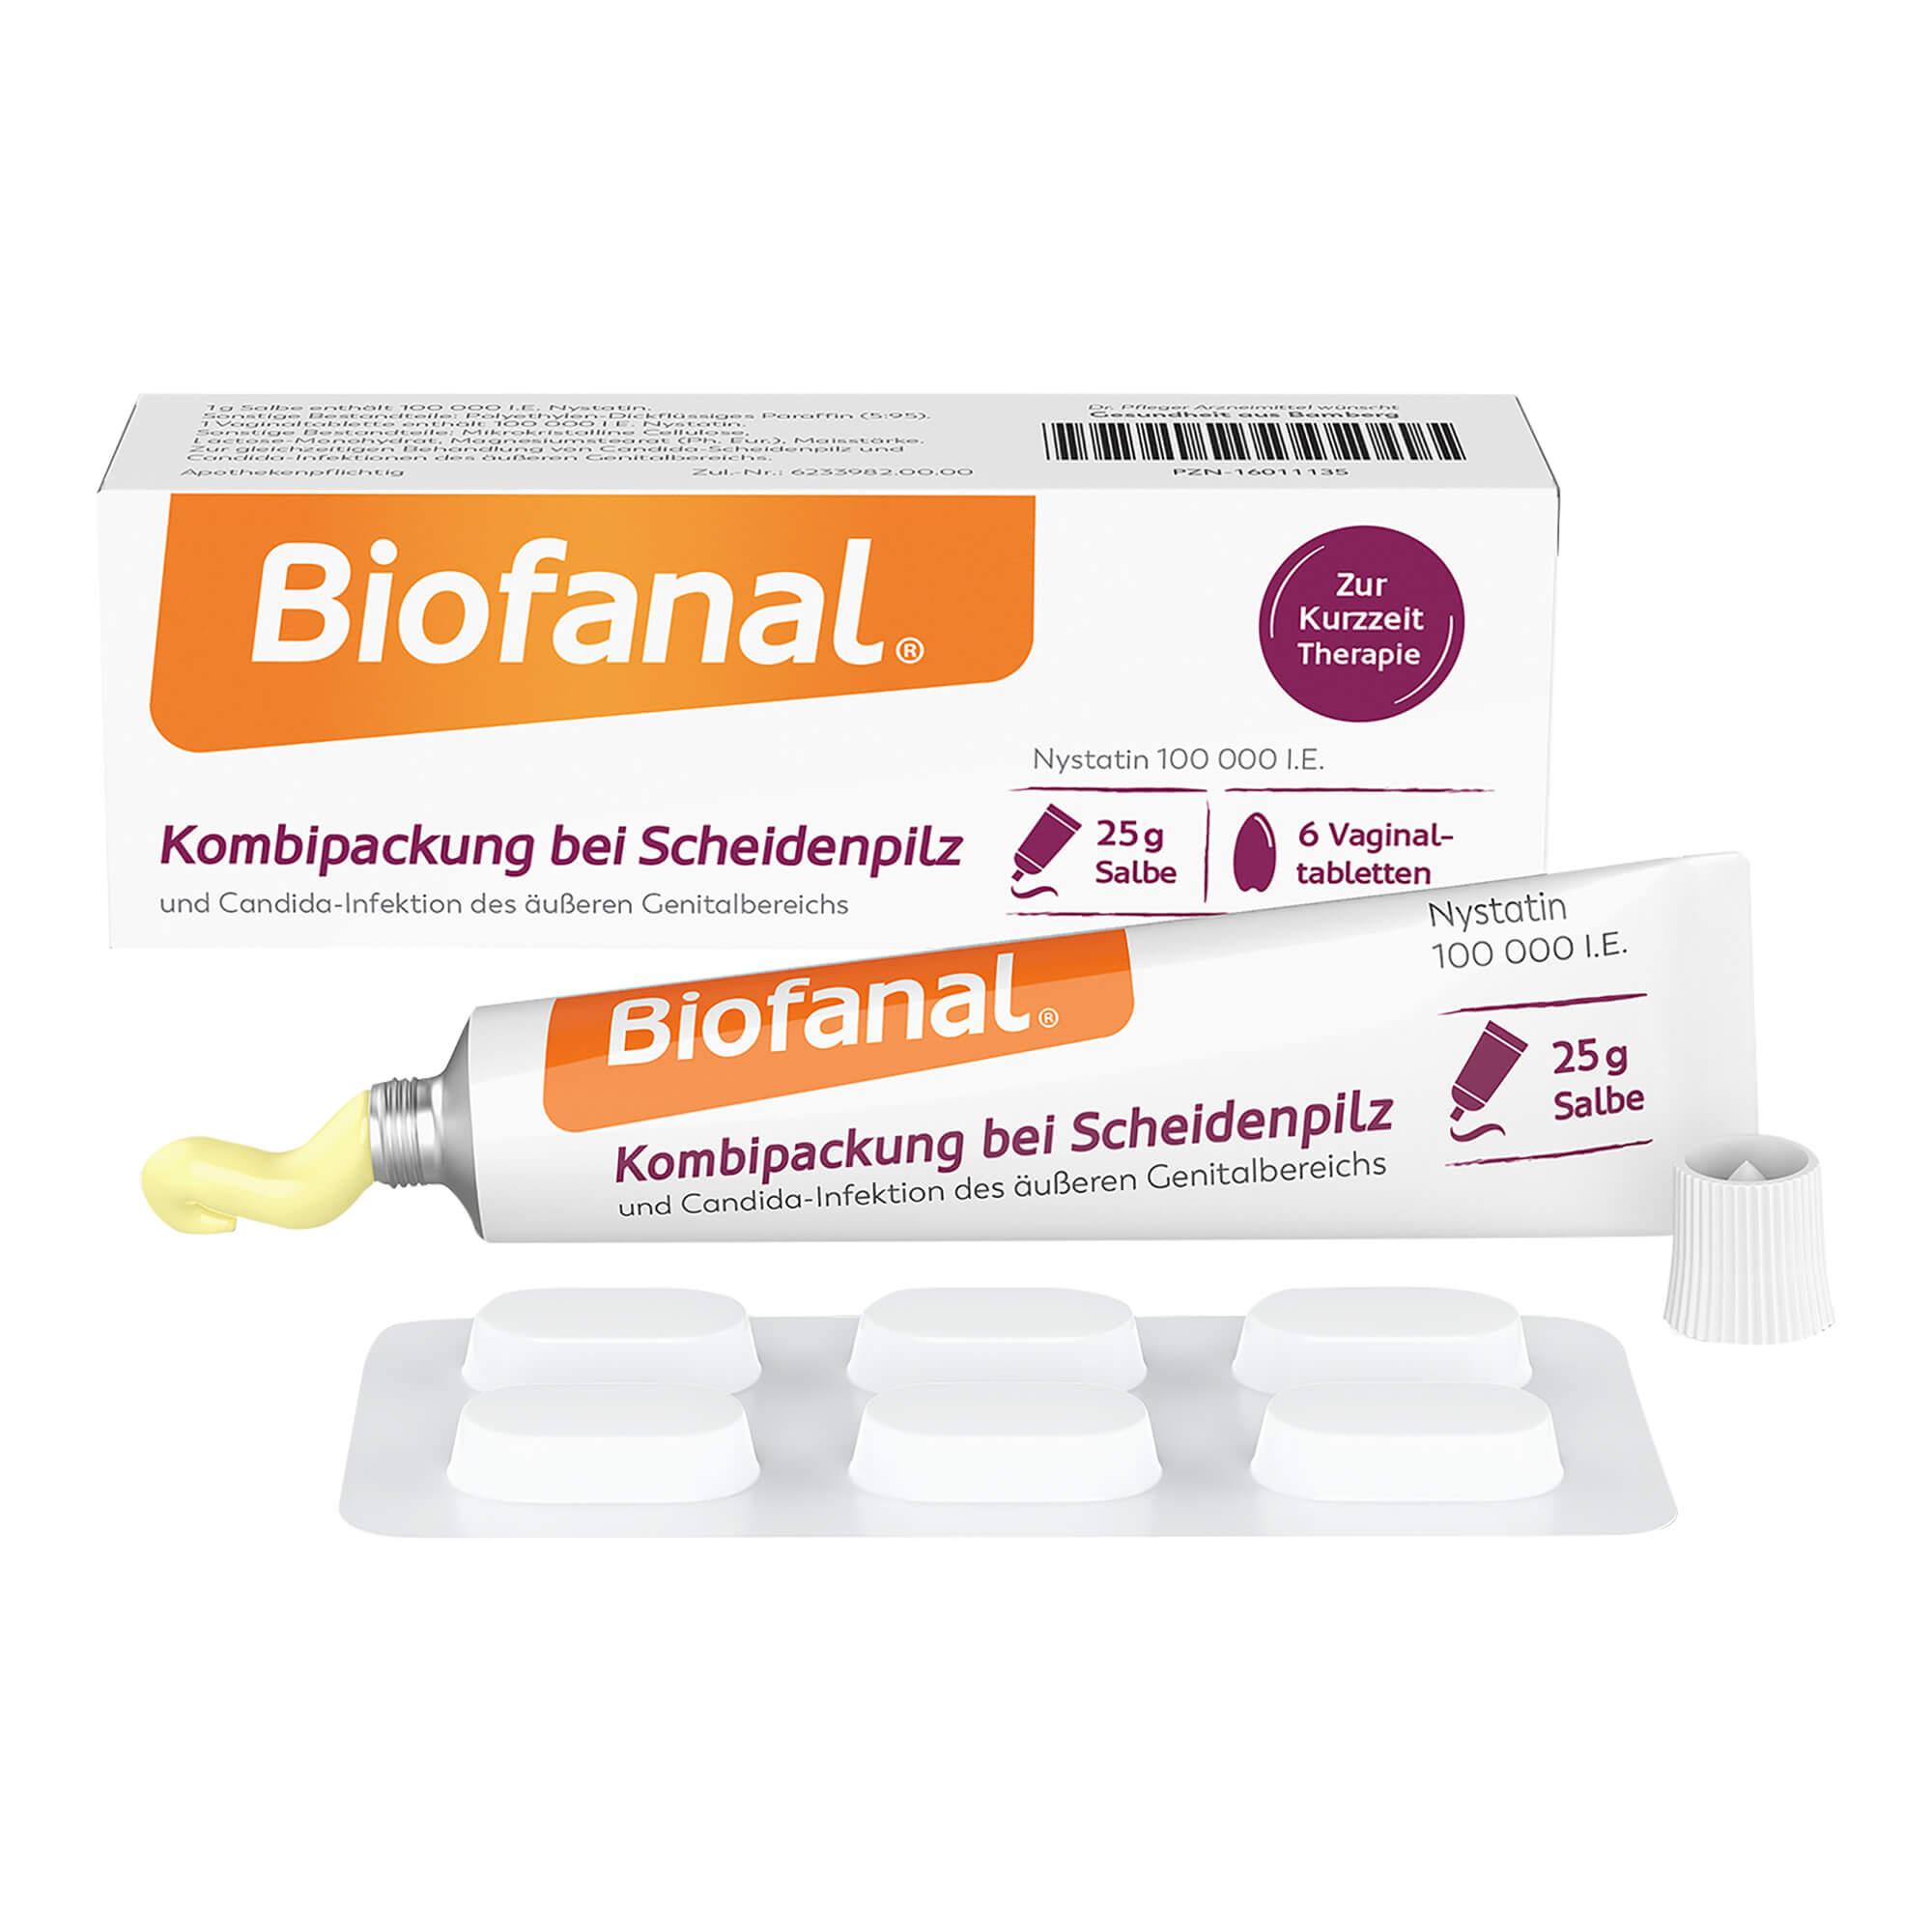 Biofanal Kombipackung bei Scheidenpilz Salbe+Vaginaltabl.